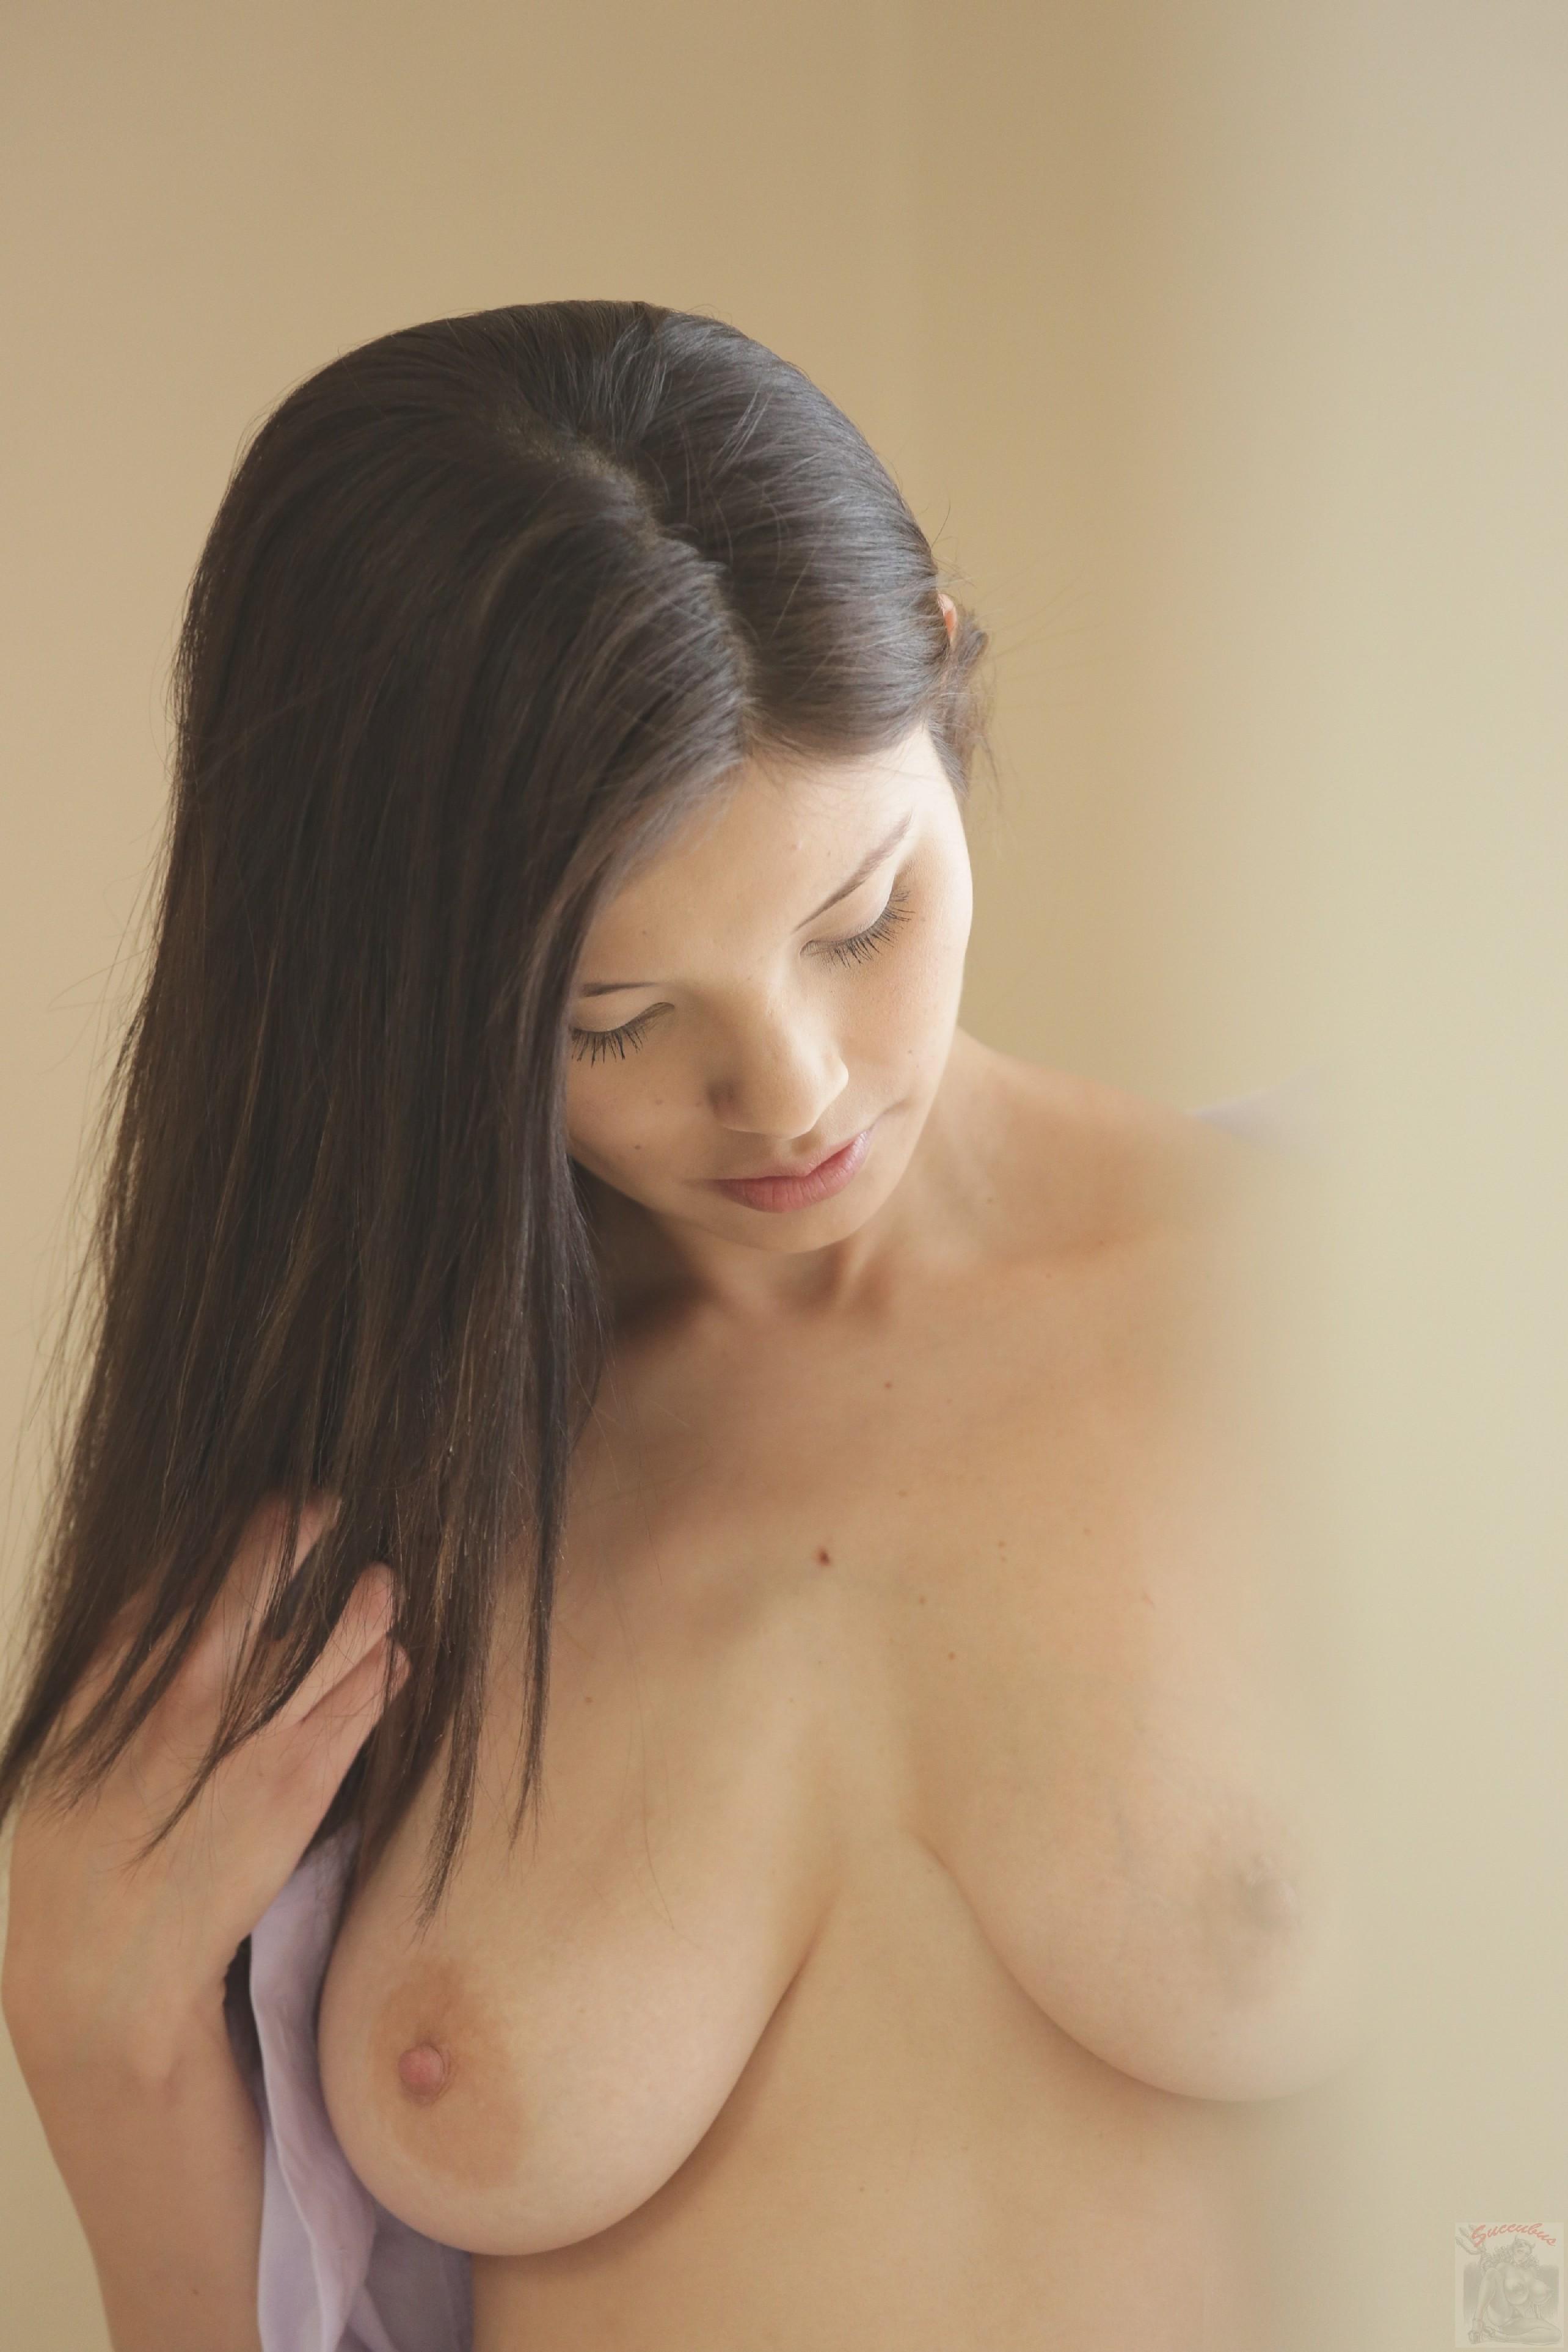 Модель Моника за деньги согласилась показать грудь